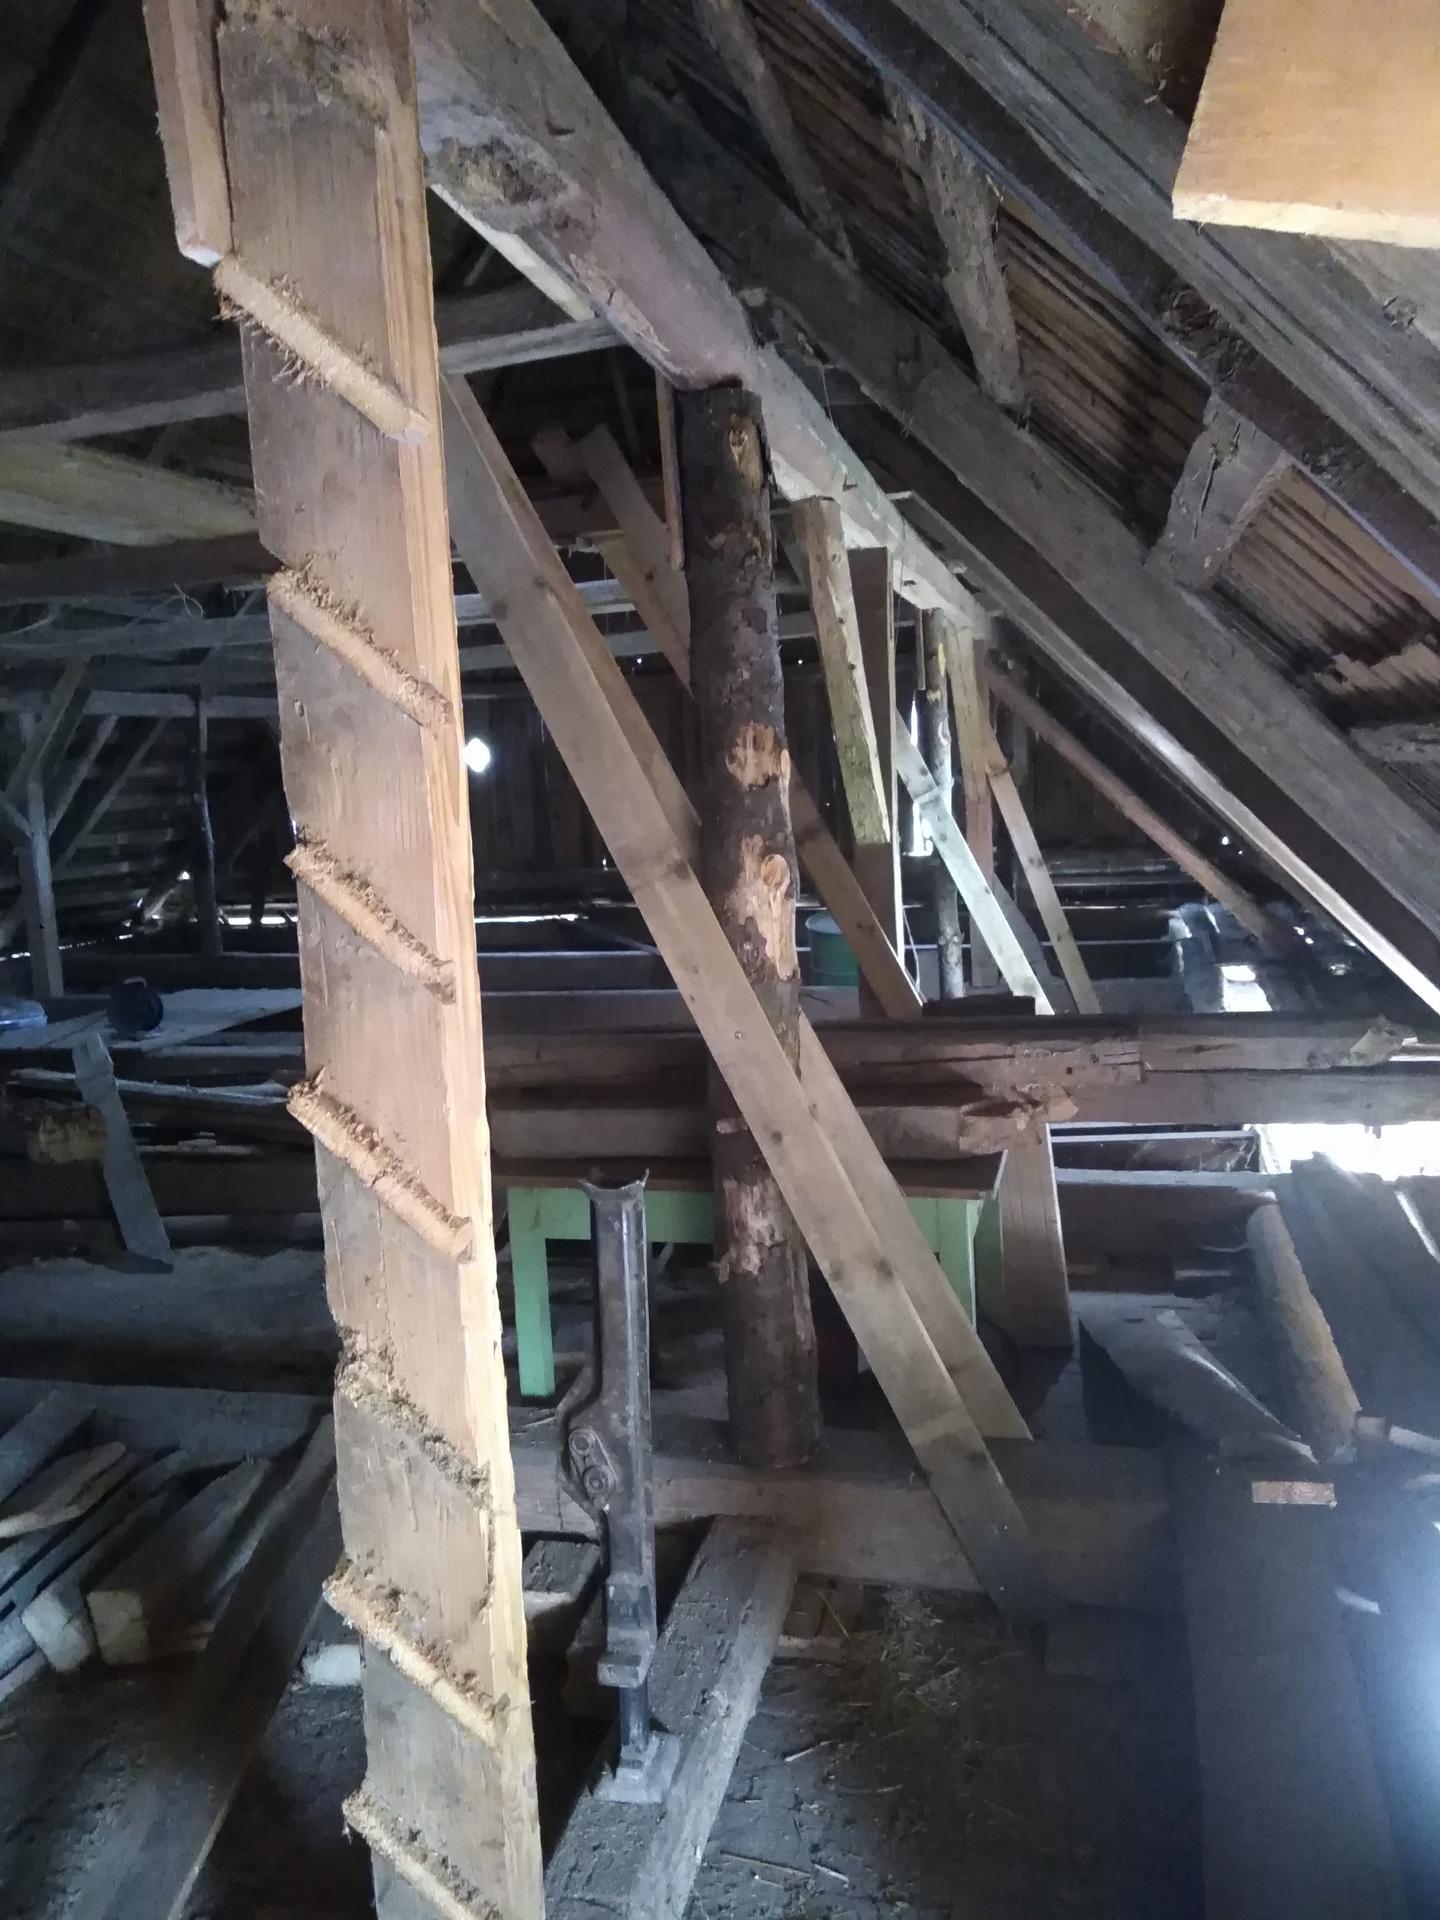 Výzva roku 2020  - střecha 450 m² SVÉPOMOCÍ - vše smontovat a vypodložit abychom mohli  podříznout střechu a dělat zpevňovací věnec